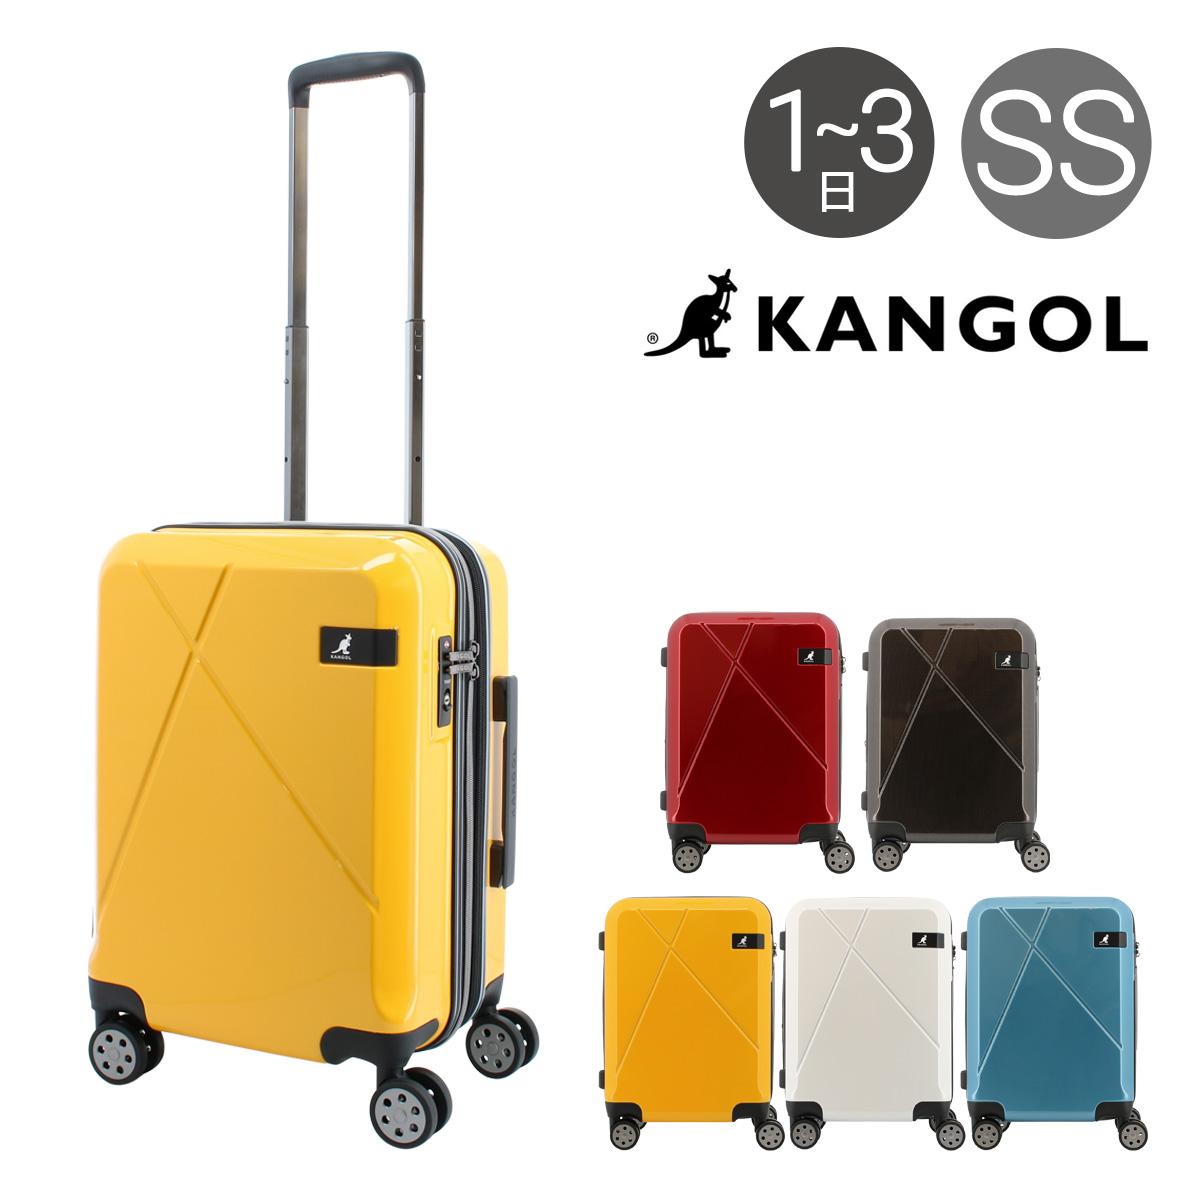 カンゴール スーツケース 53cm 35L 3.2kg クロスエイト 250-5701 KANGOL | ハード ファスナー | キャリーケース キャリーバッグ 拡張 TSAロック搭載[PO10]